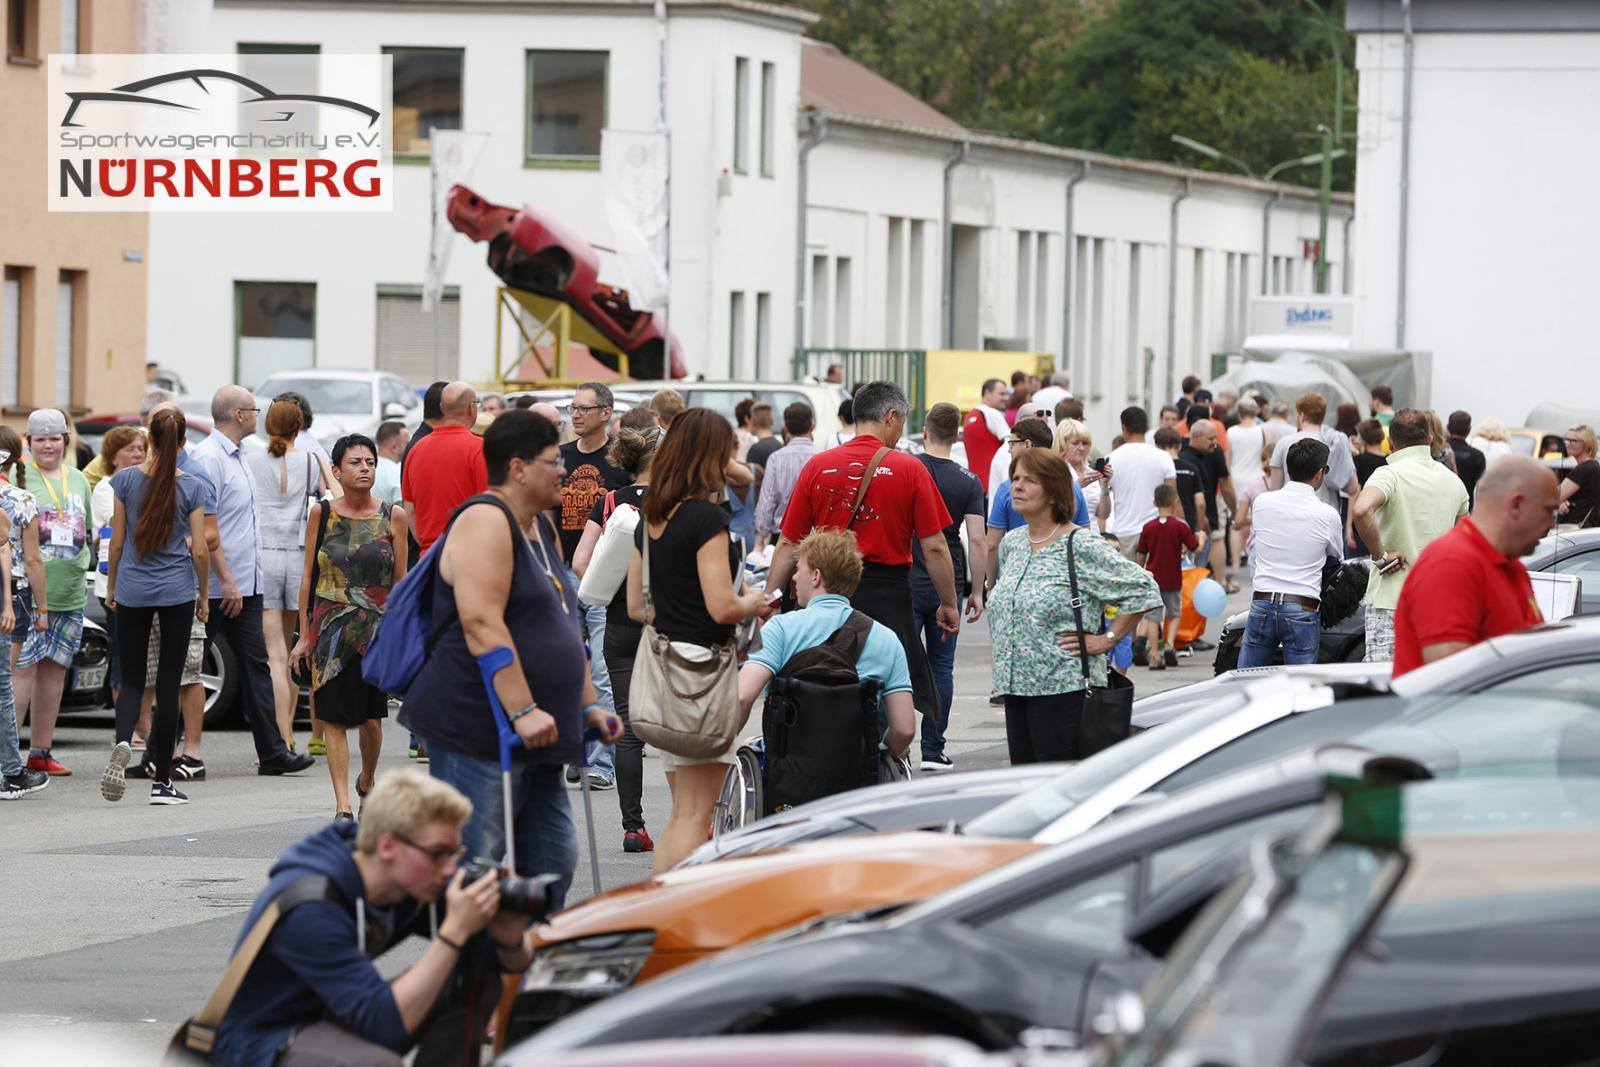 SportwagencharityNuernberg2016_Impressionen5.jpg